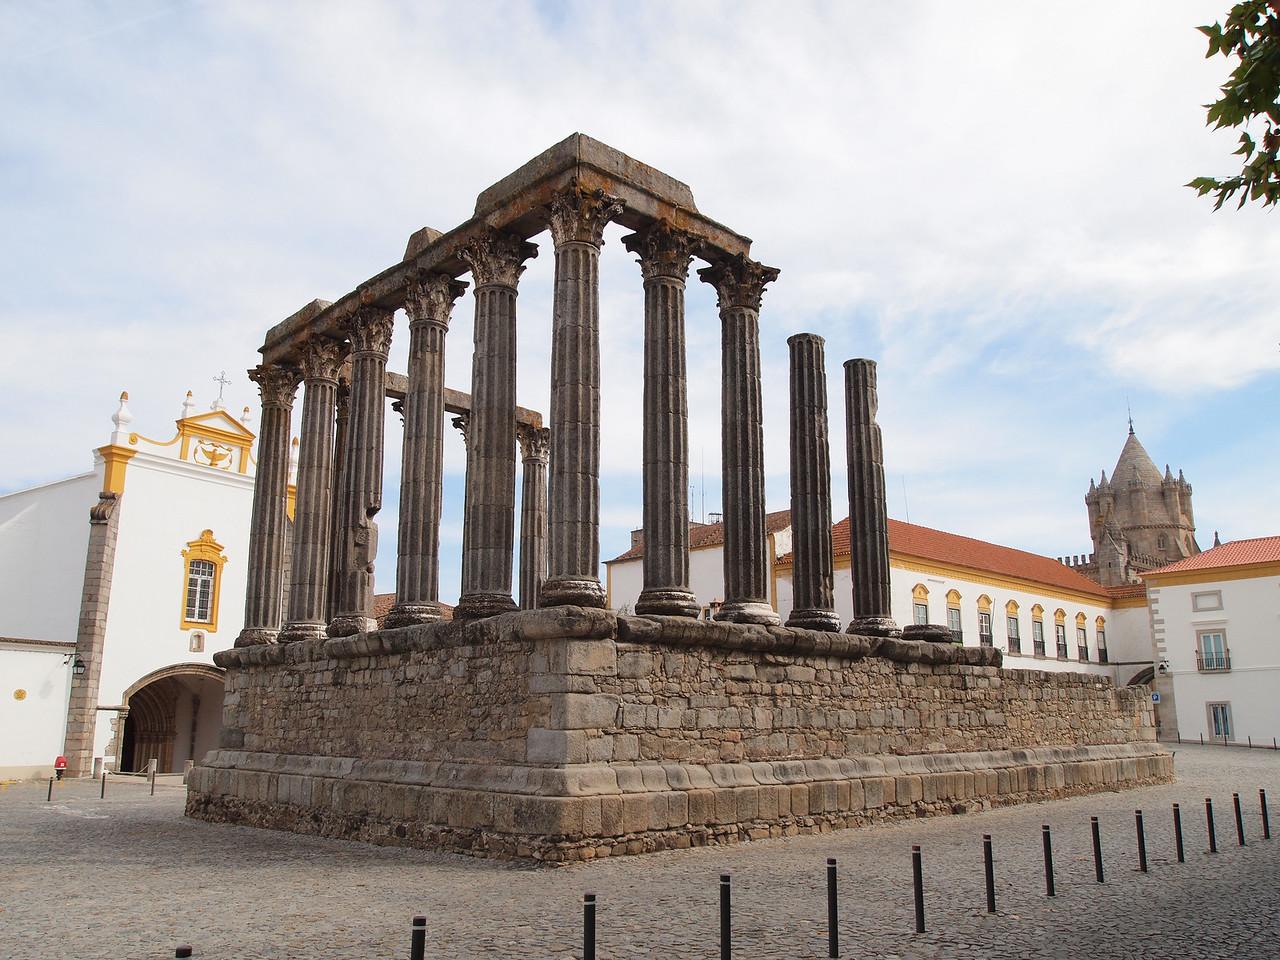 Roman Ruins - Evora, Portugal